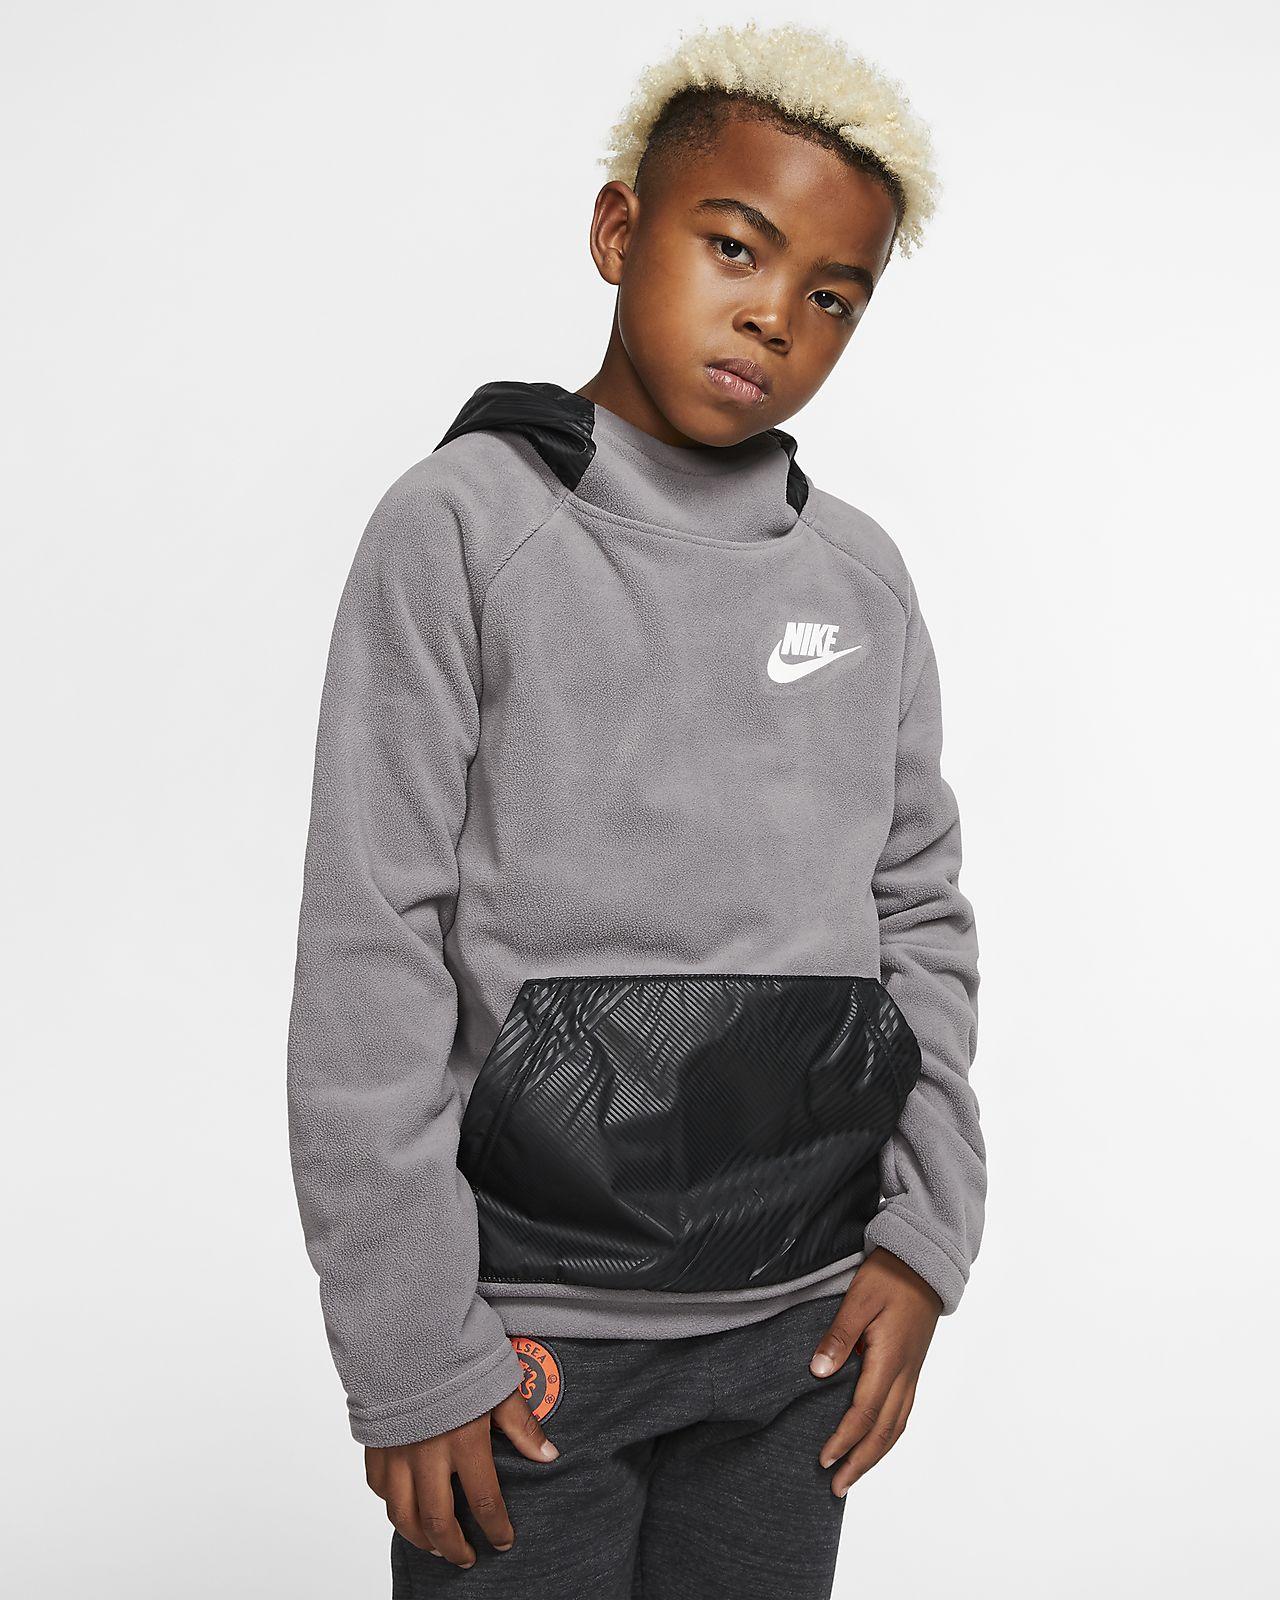 Nike Sportswear - pullover-hættetrøje til store børn (drenge)